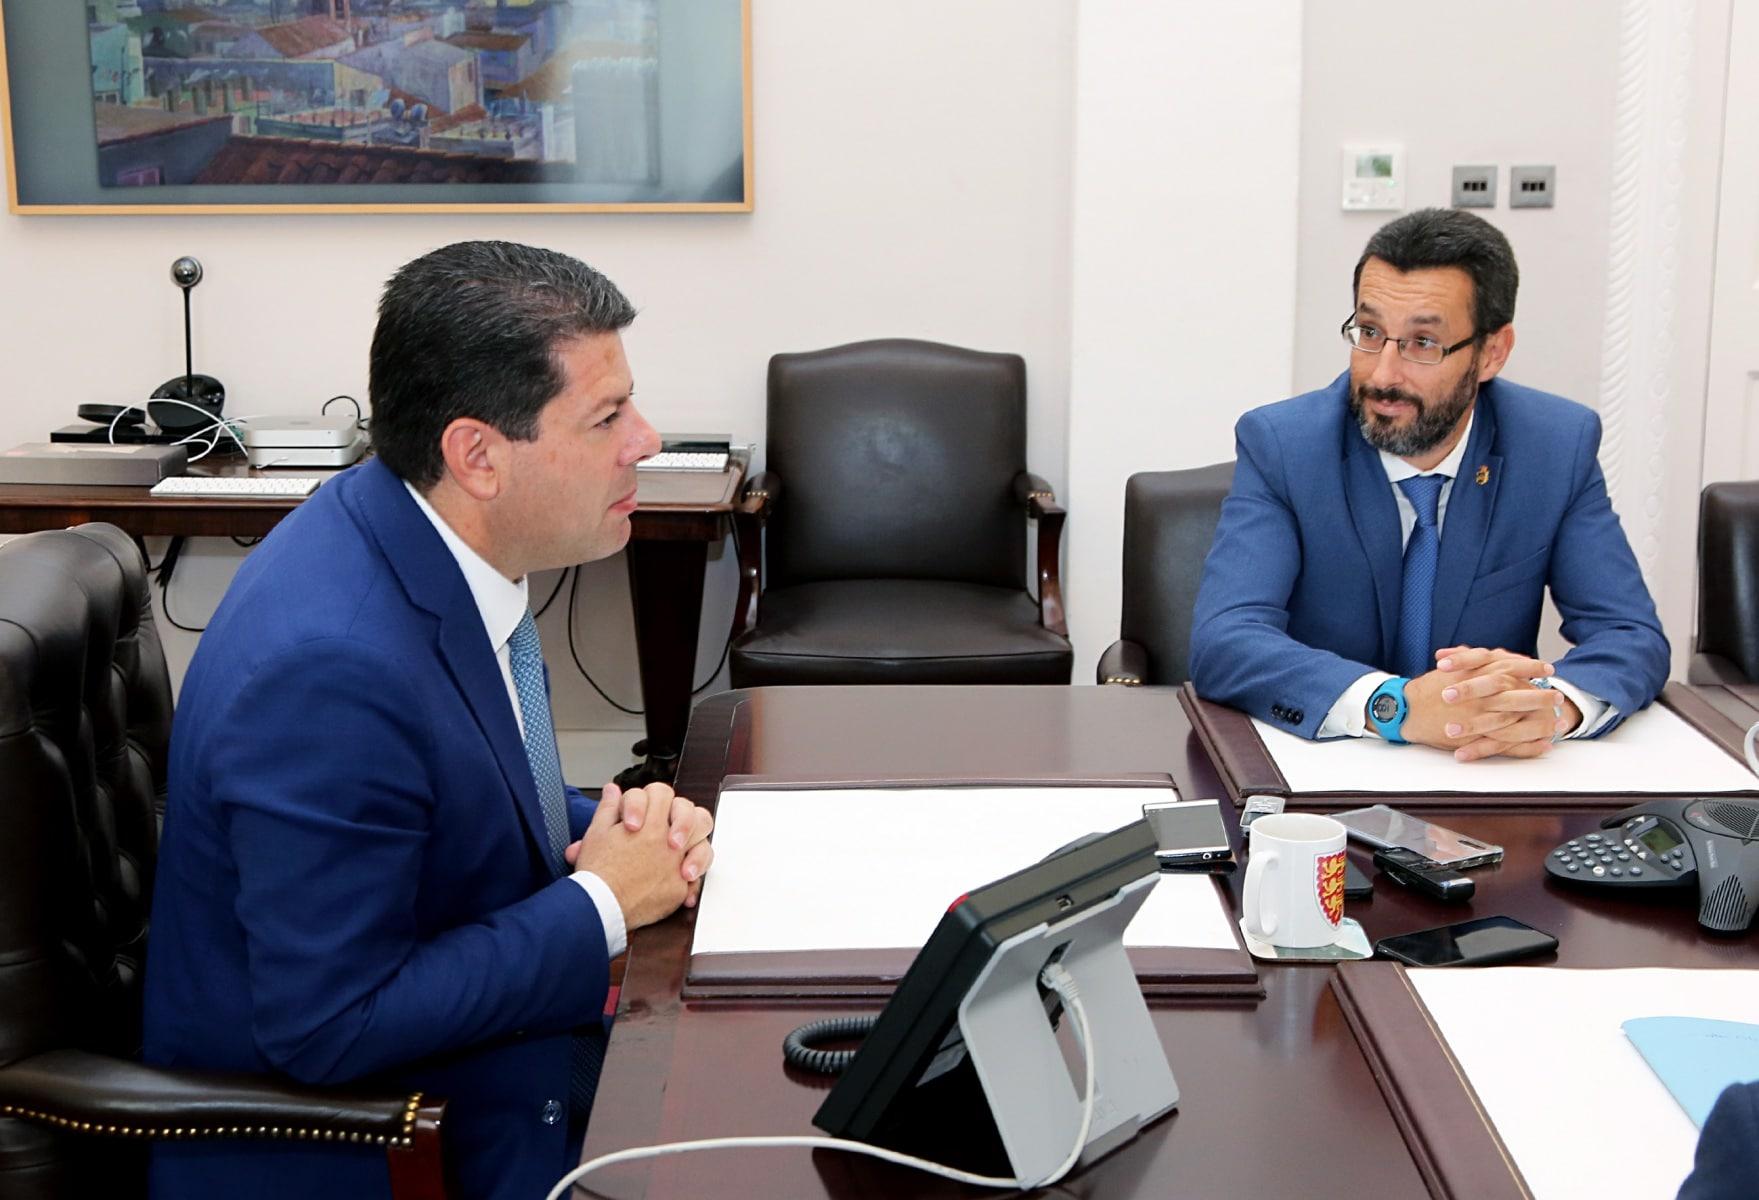 visita-del-alcalde-de-la-lnea-al-ministro-principal-de-gibraltar_48954055213_o